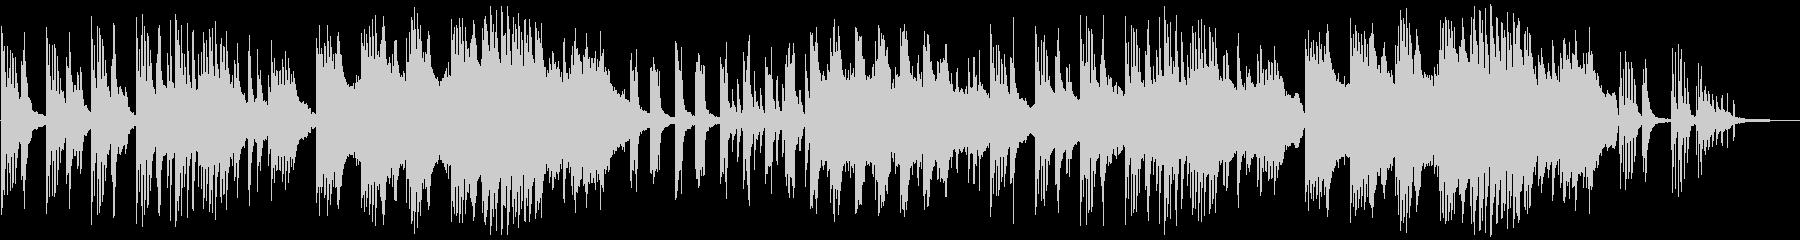 和風バラードBGM。の未再生の波形